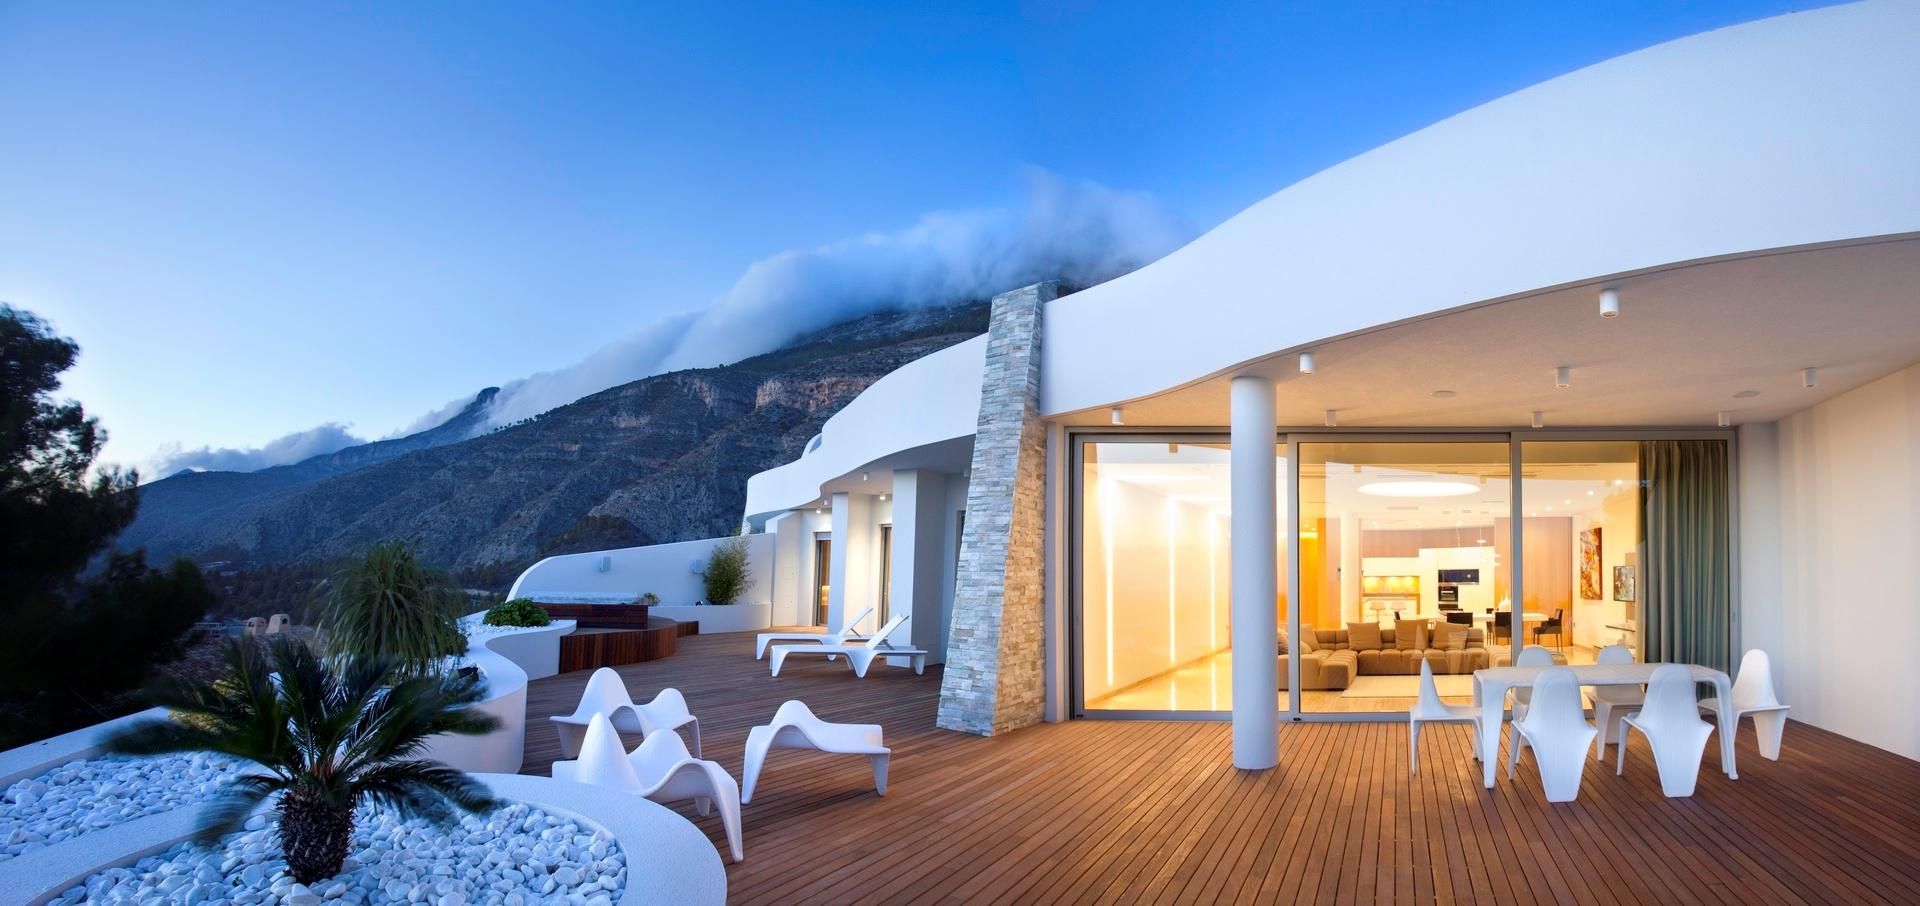 Résidentiel nouvellement développé sur la Costa Blanca